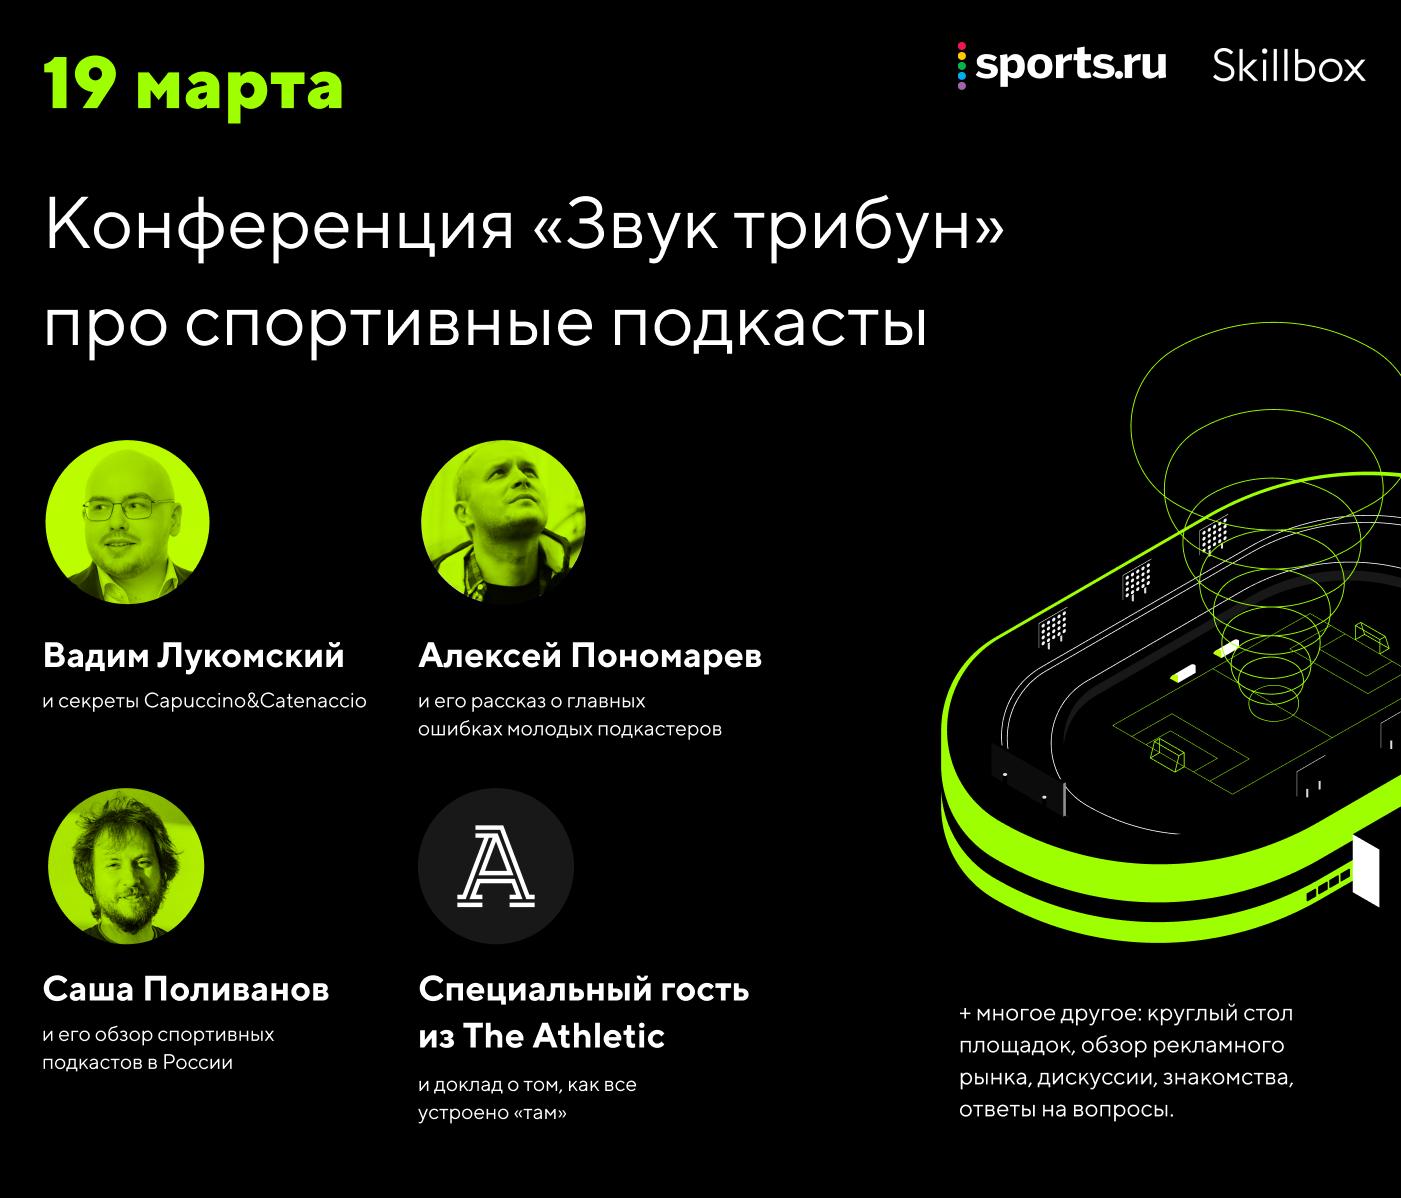 Sports.ru проведет первую спортивную подкаст-конференцию. Присоединяйтесь, принять участие совсем просто (это бесплатно)